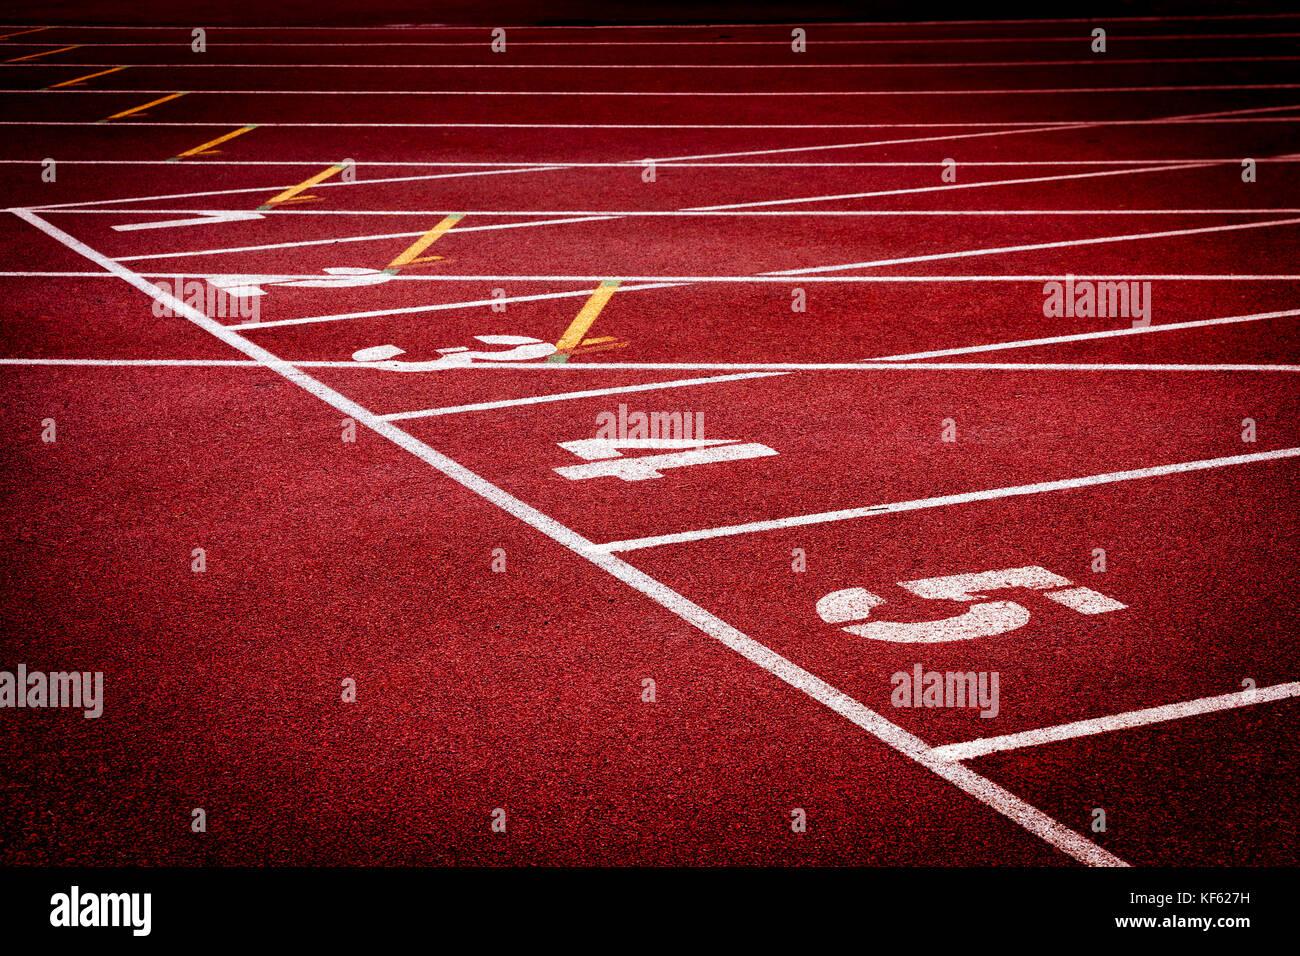 Stadium running tracks - Stock Image